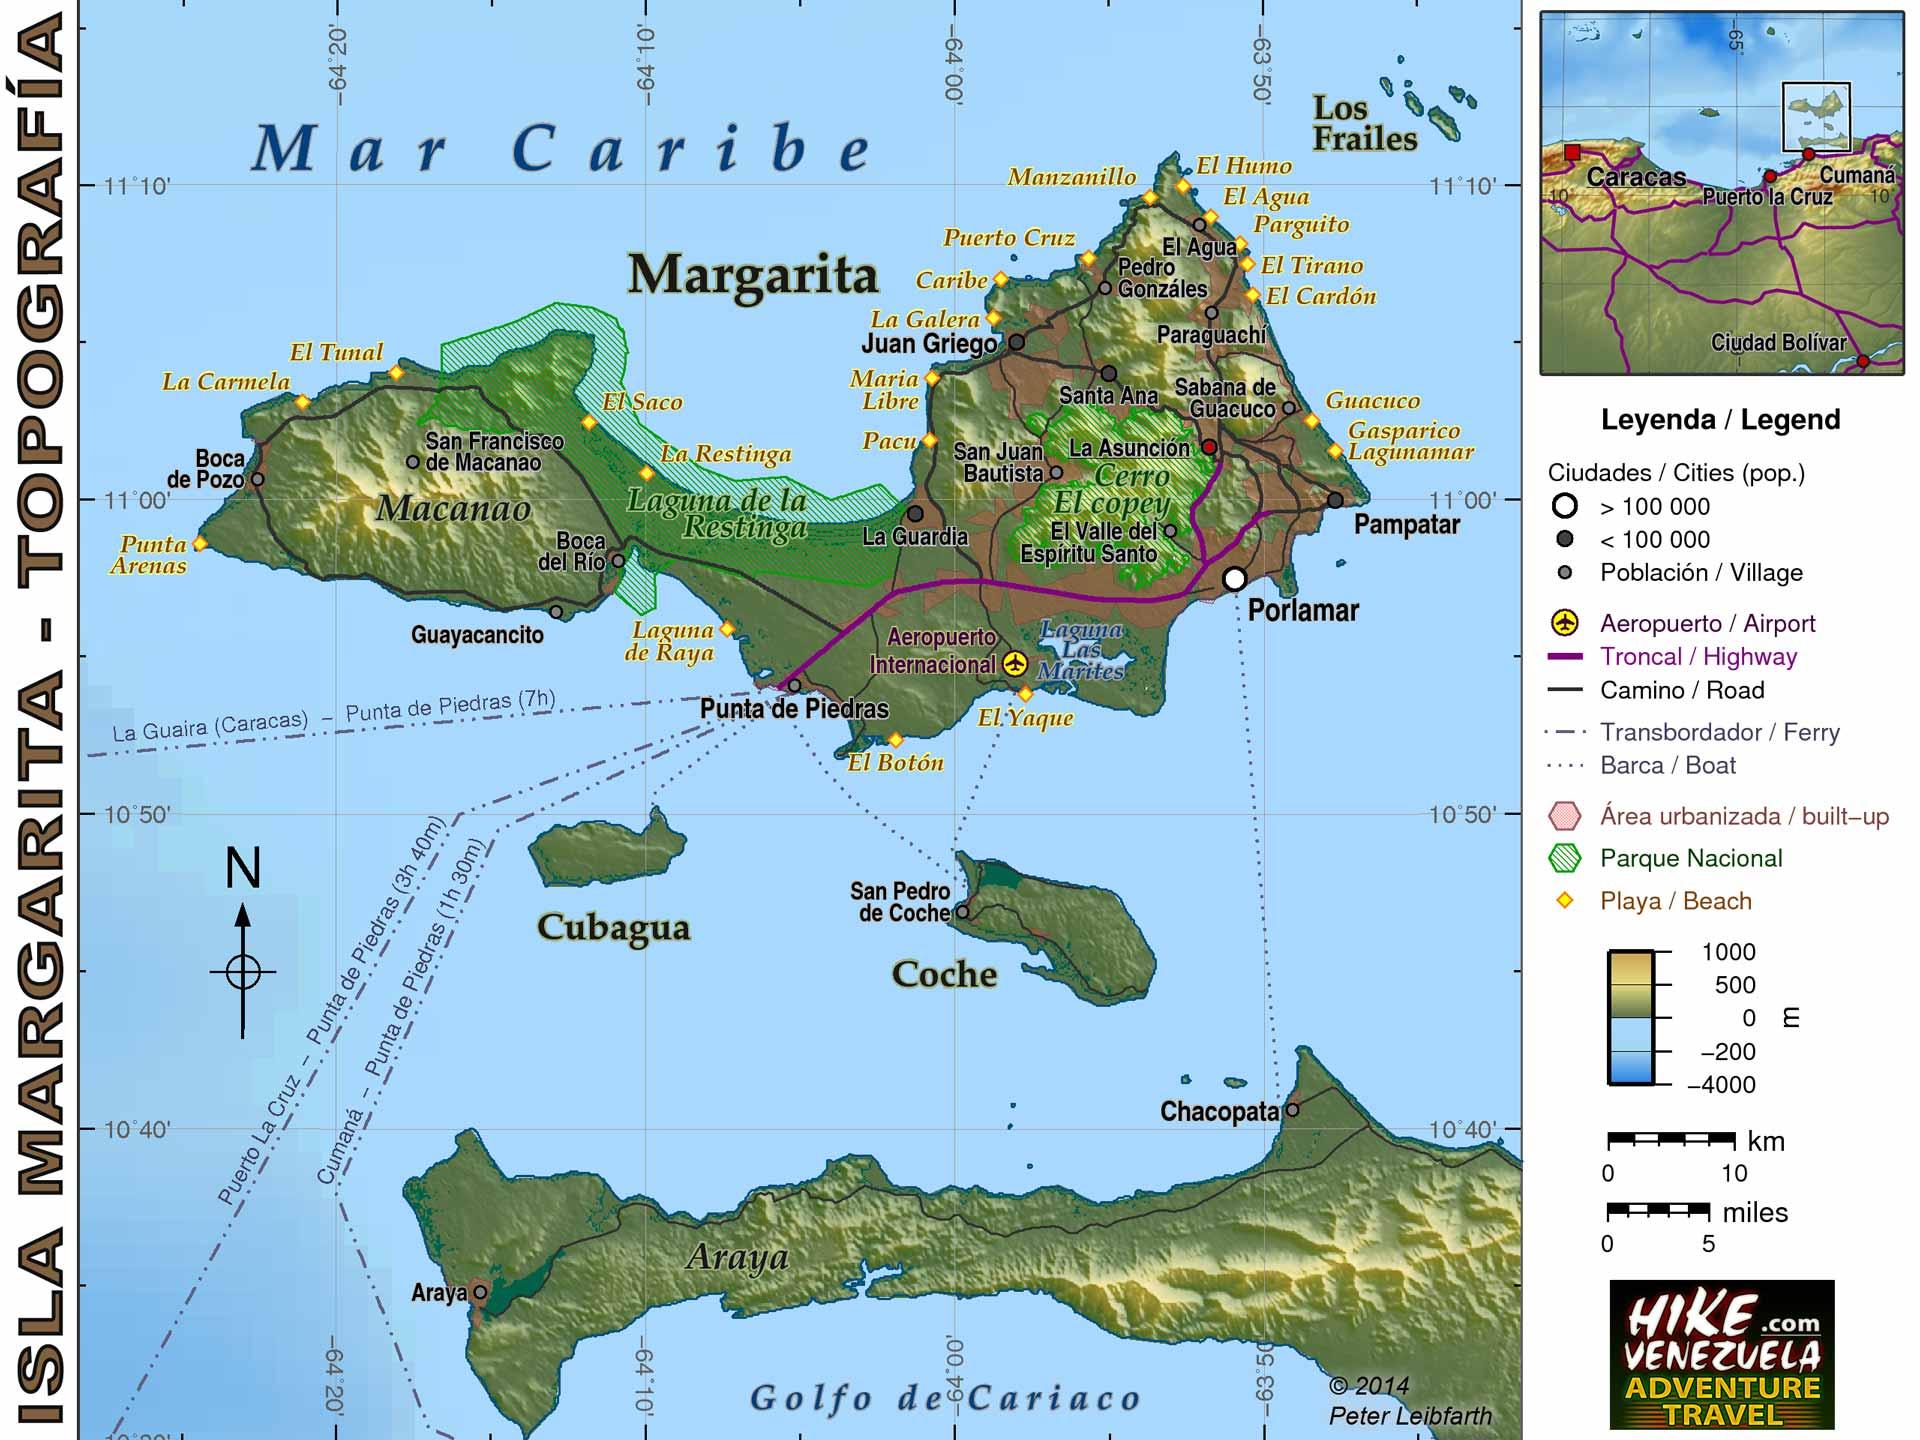 Venezuela Topographic Map.Venezuela Maps Hike Venezuela Com